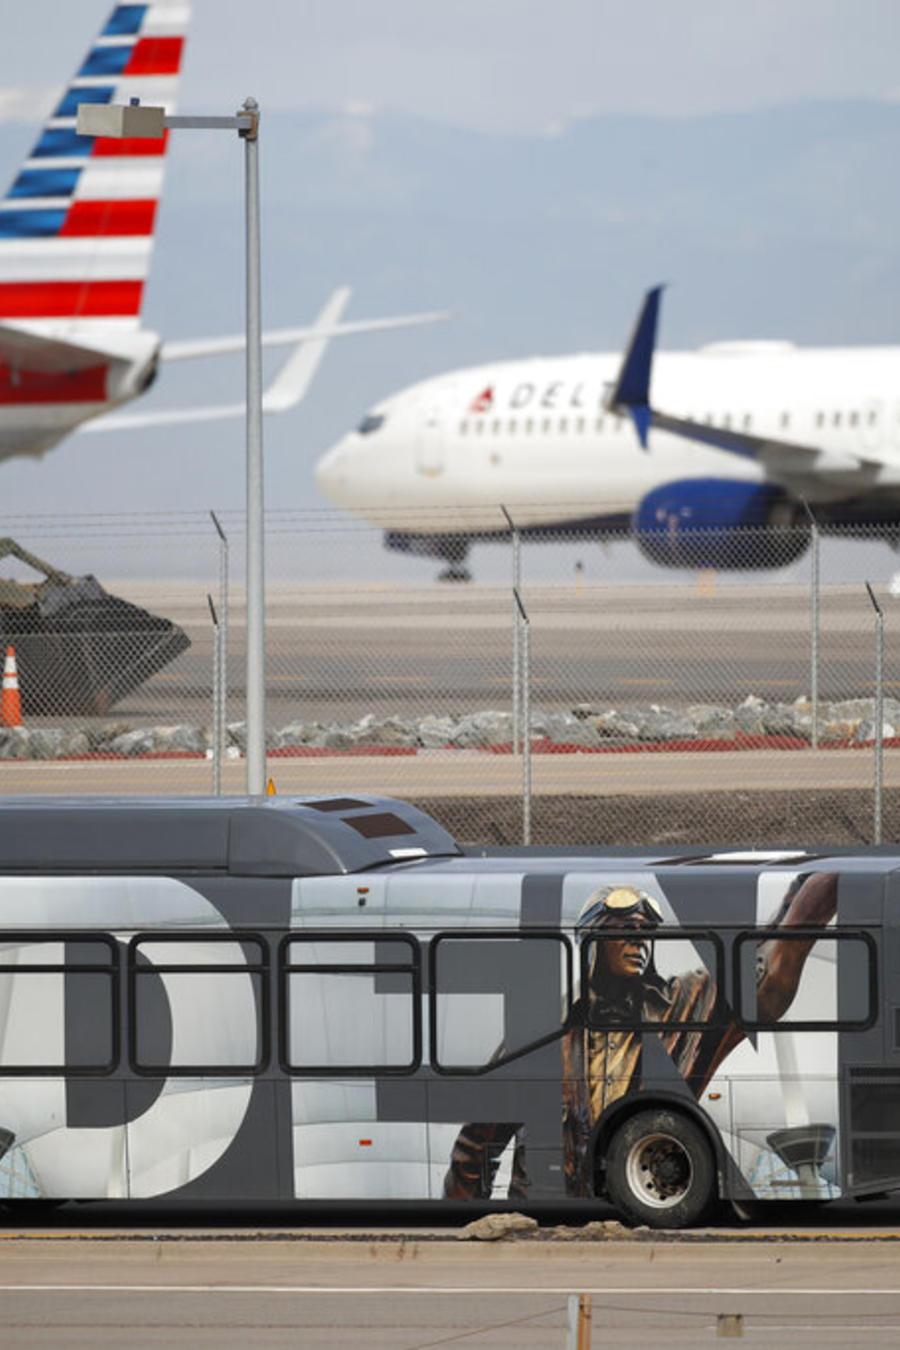 Varios aviones esperan su turno de despegue en el aeropuerto internacional de Denver